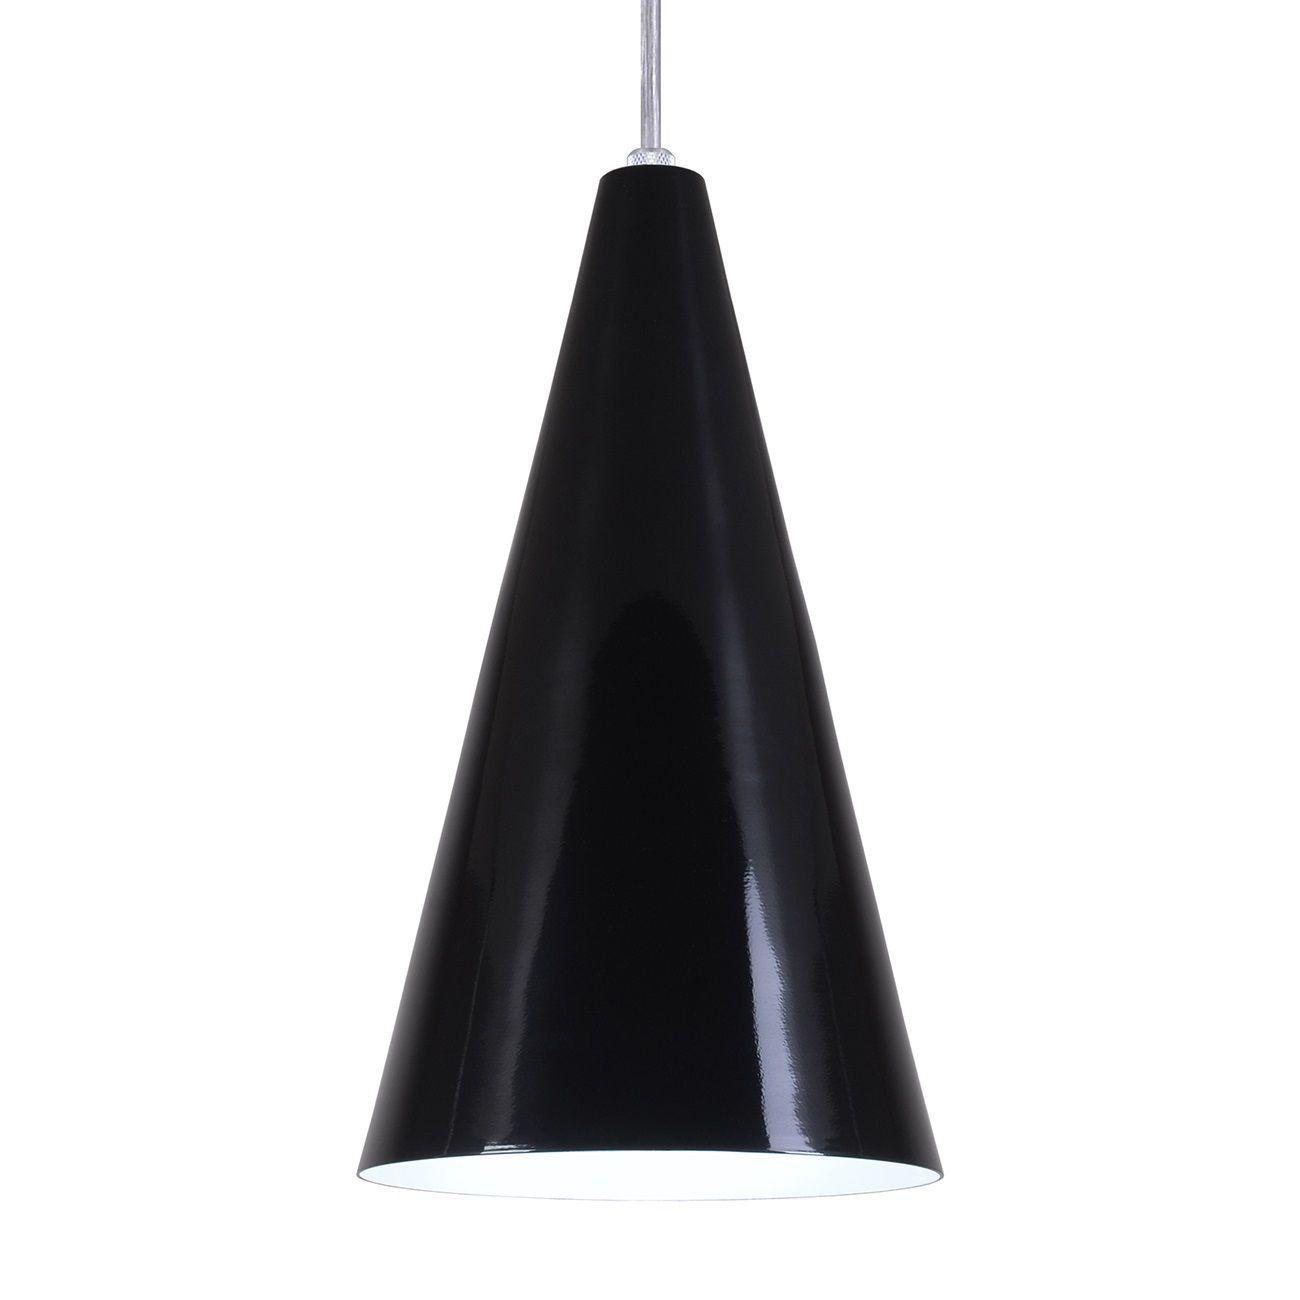 Pendente Cone Luminária Lustre Alumínio Preto Brilhante - Rei Da Iluminação